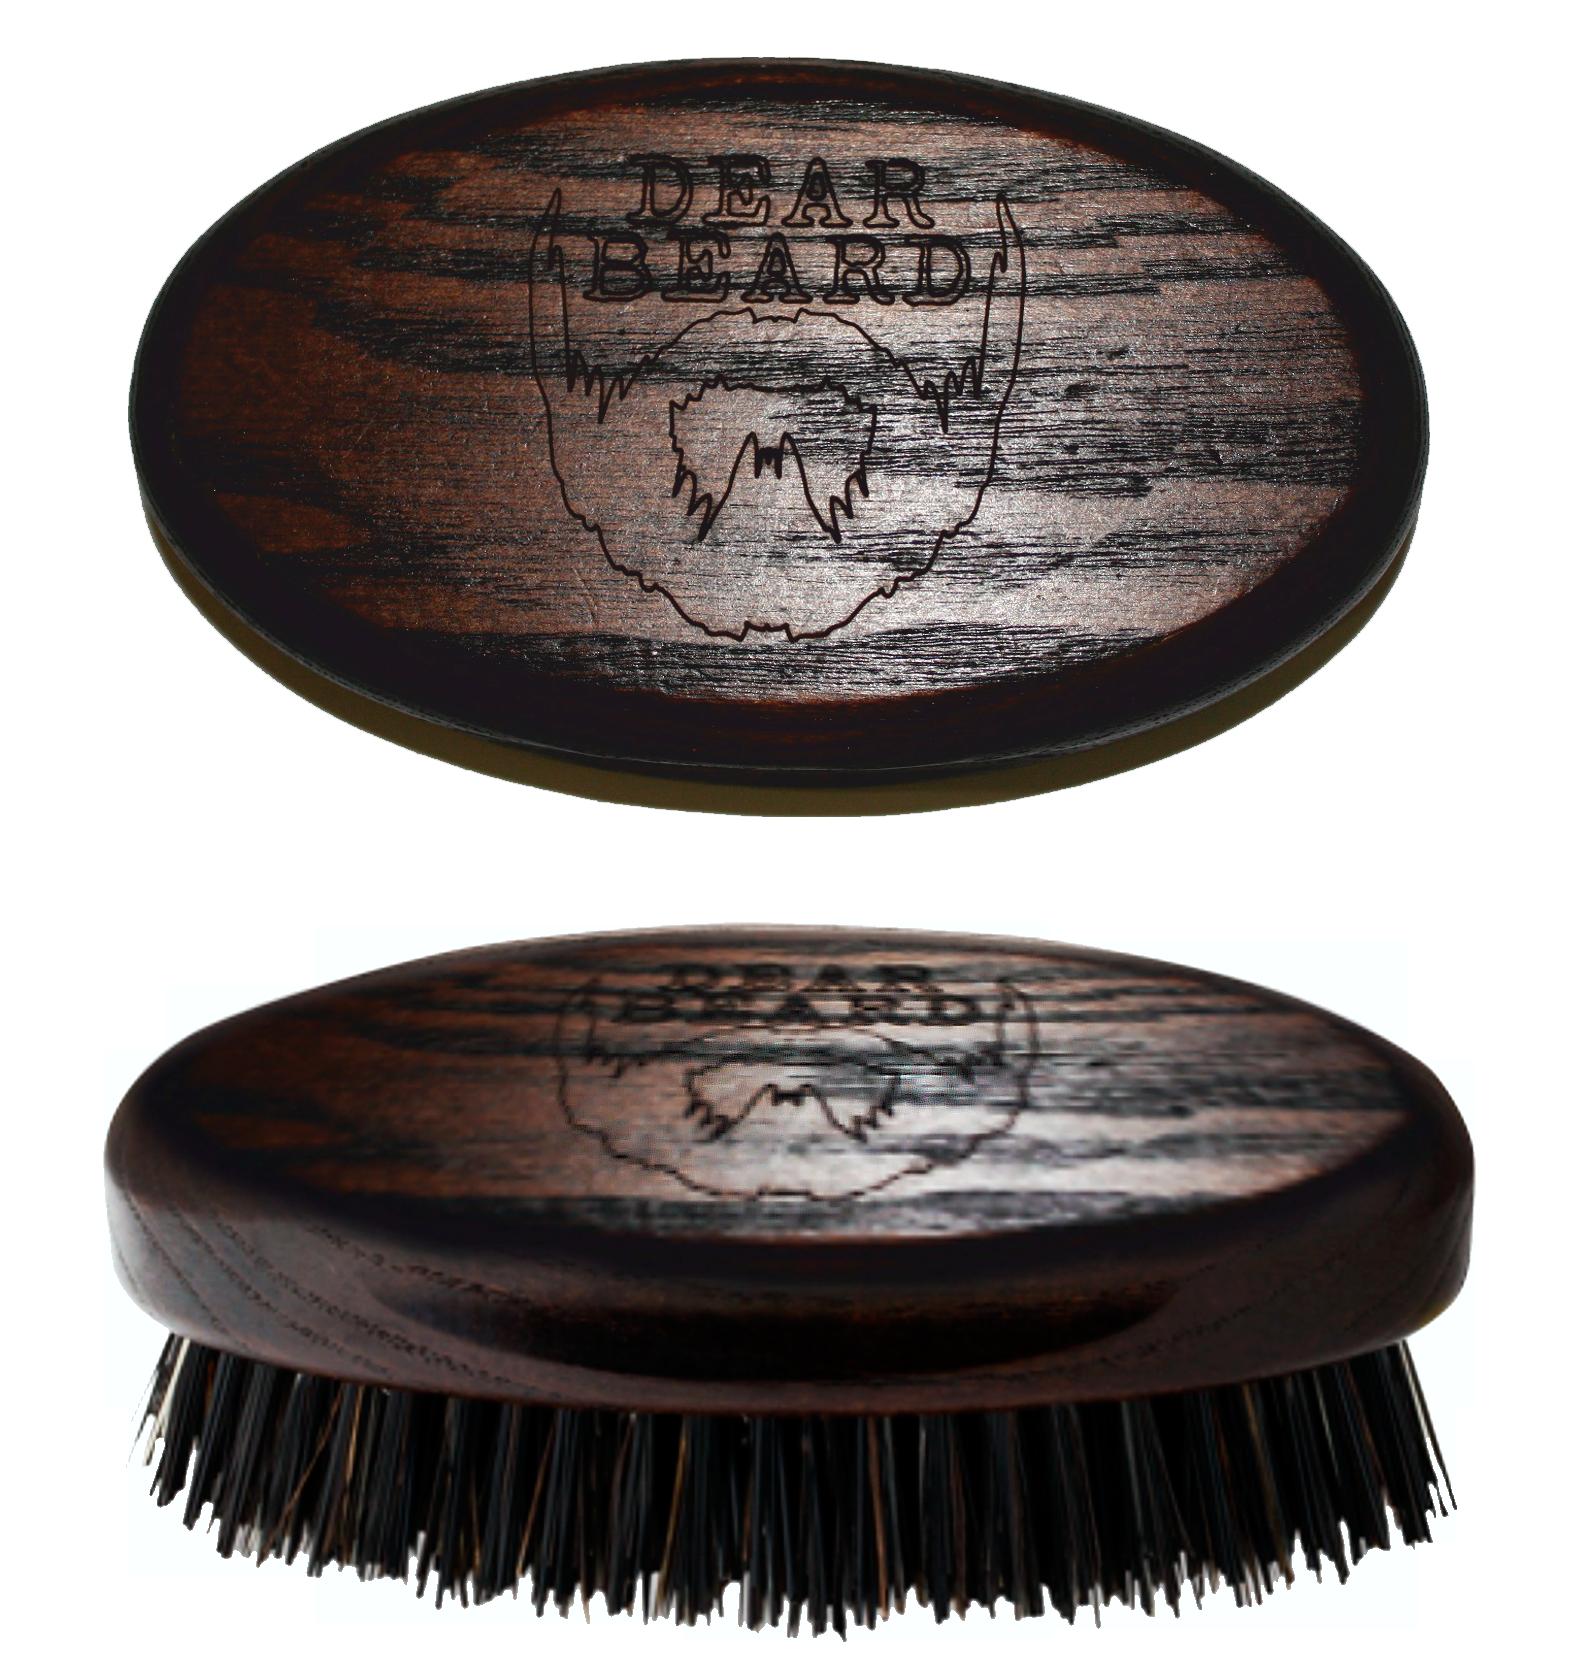 DEAR BEARD Щетка из древесины венге для усов и бороды 8*4 см dear beard щетка из древесины венге для усов и бороды 8 4 см